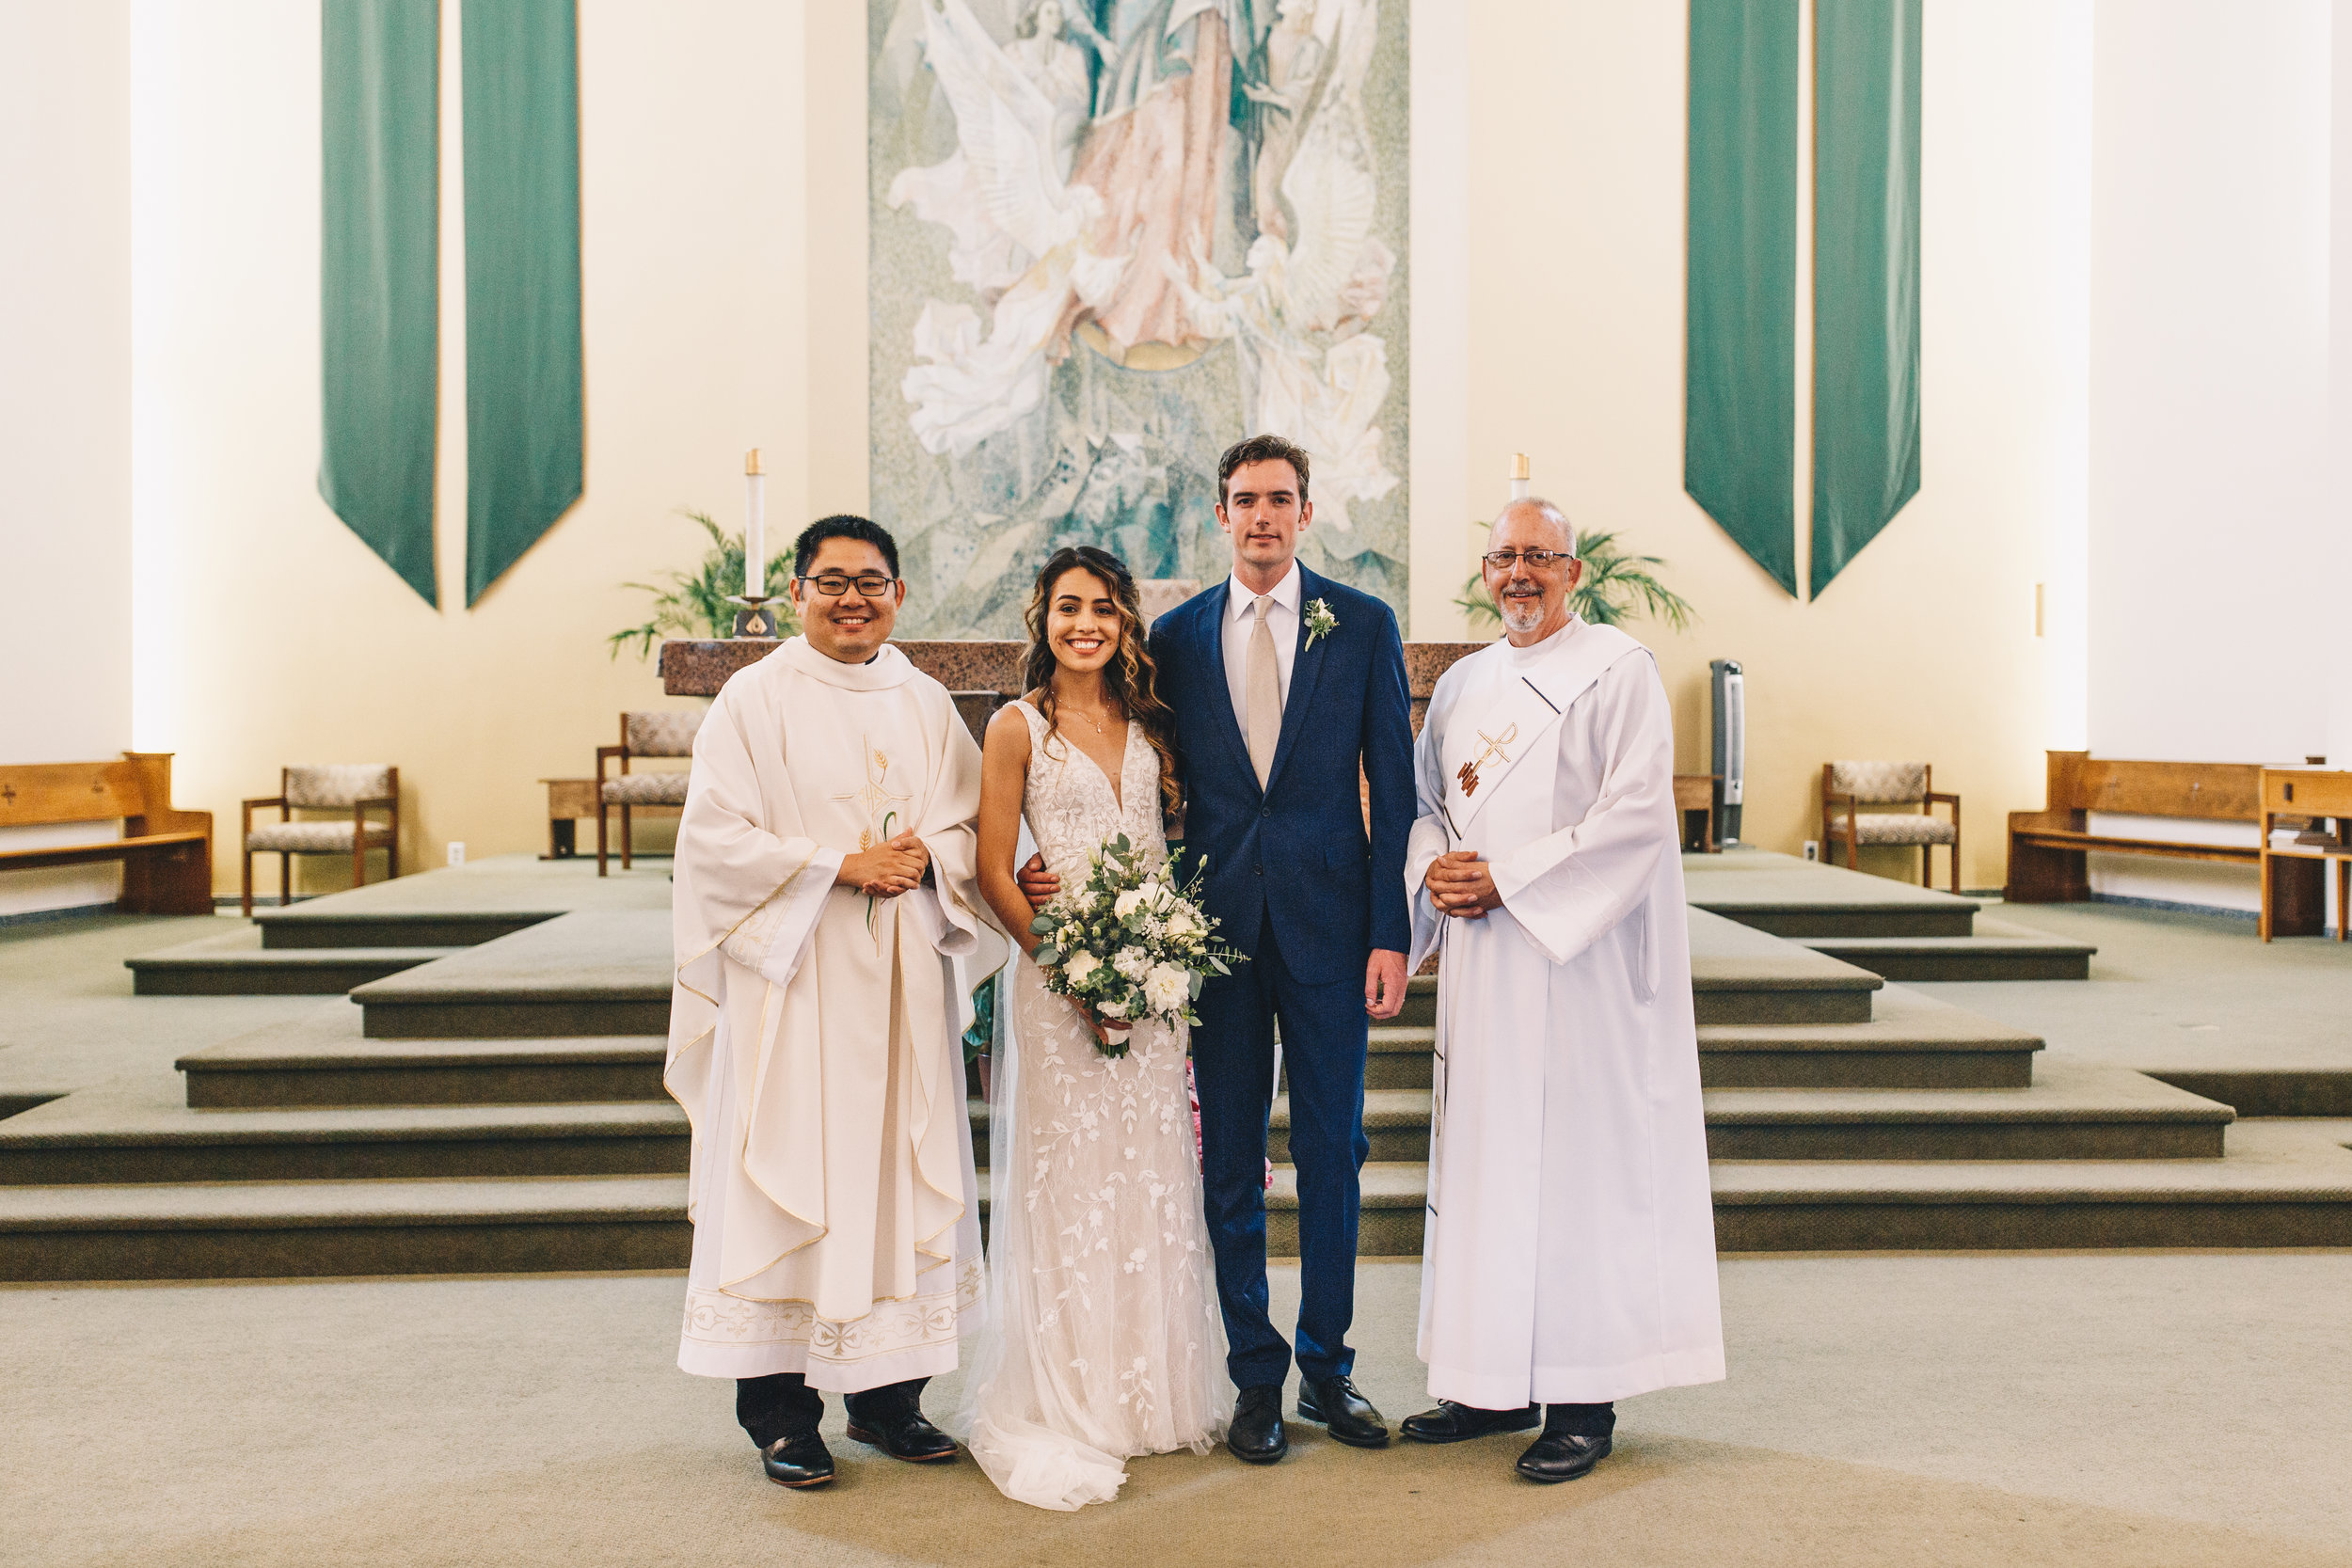 Church Family Photos-1.jpg